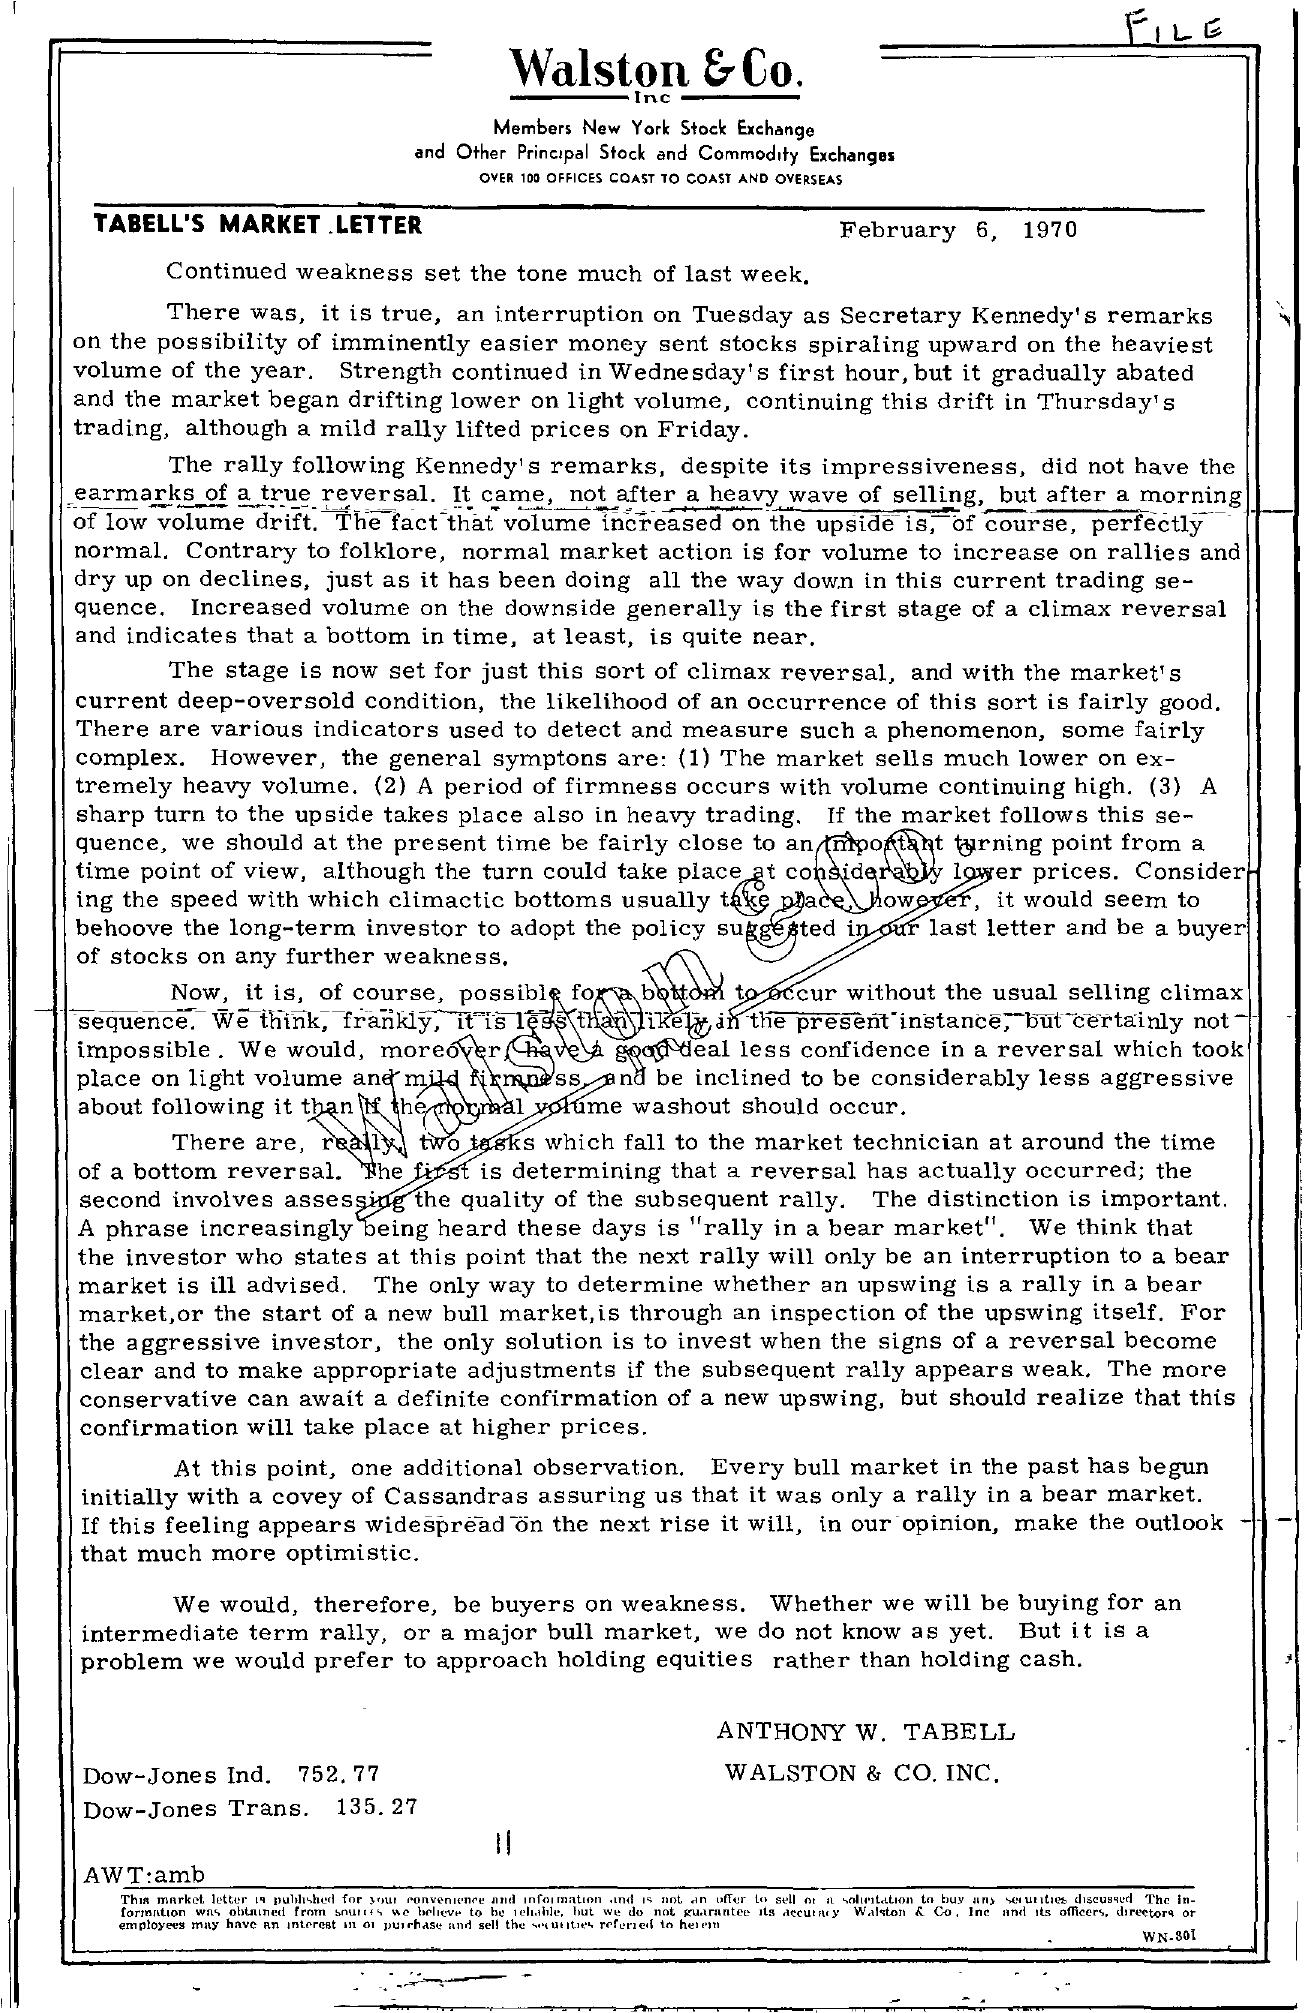 Tabell's Market Letter - February 06, 1970